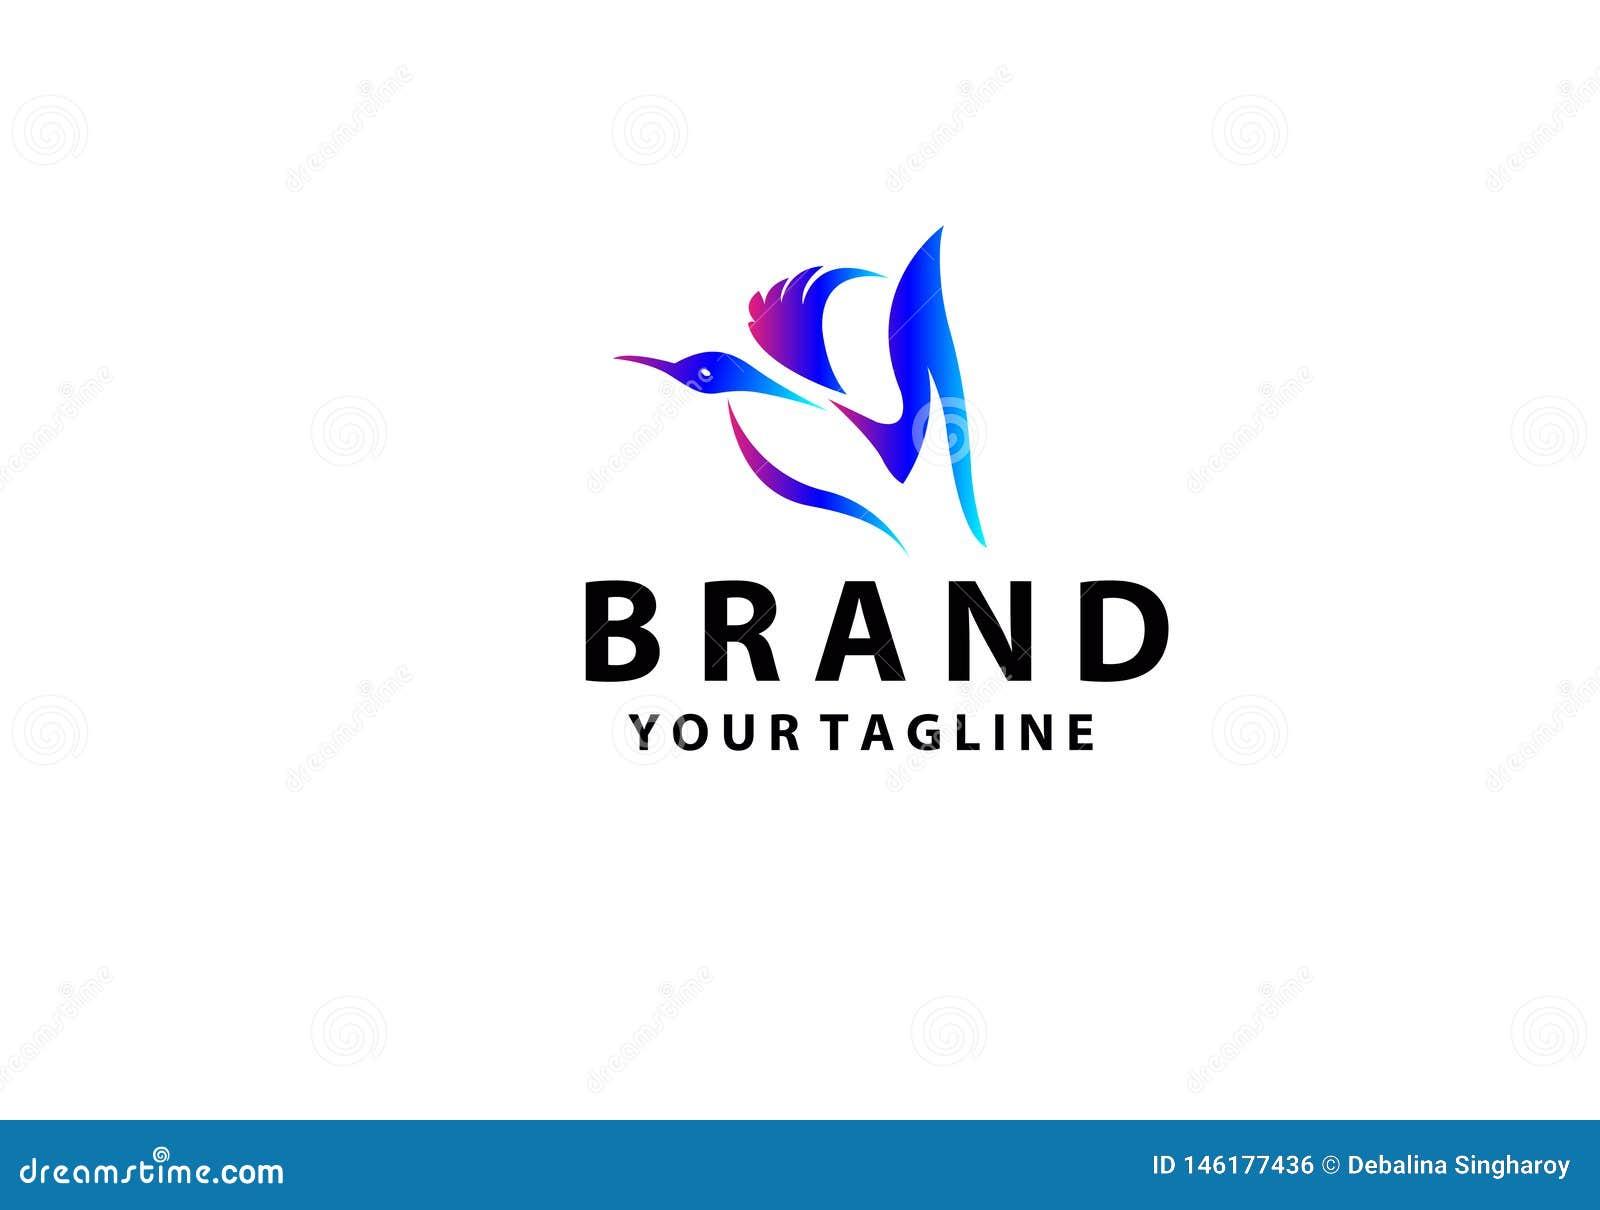 Απλό ζωηρόχρωμο κομψό λογότυπο παπιών, αφηρημένο λογότυπο παπιών ΔΗΜΙΟΥΡΓΙΚΗ ΑΠΕΙΚΟΝΙΣΗ ΣΧΕΔΙΟΥ